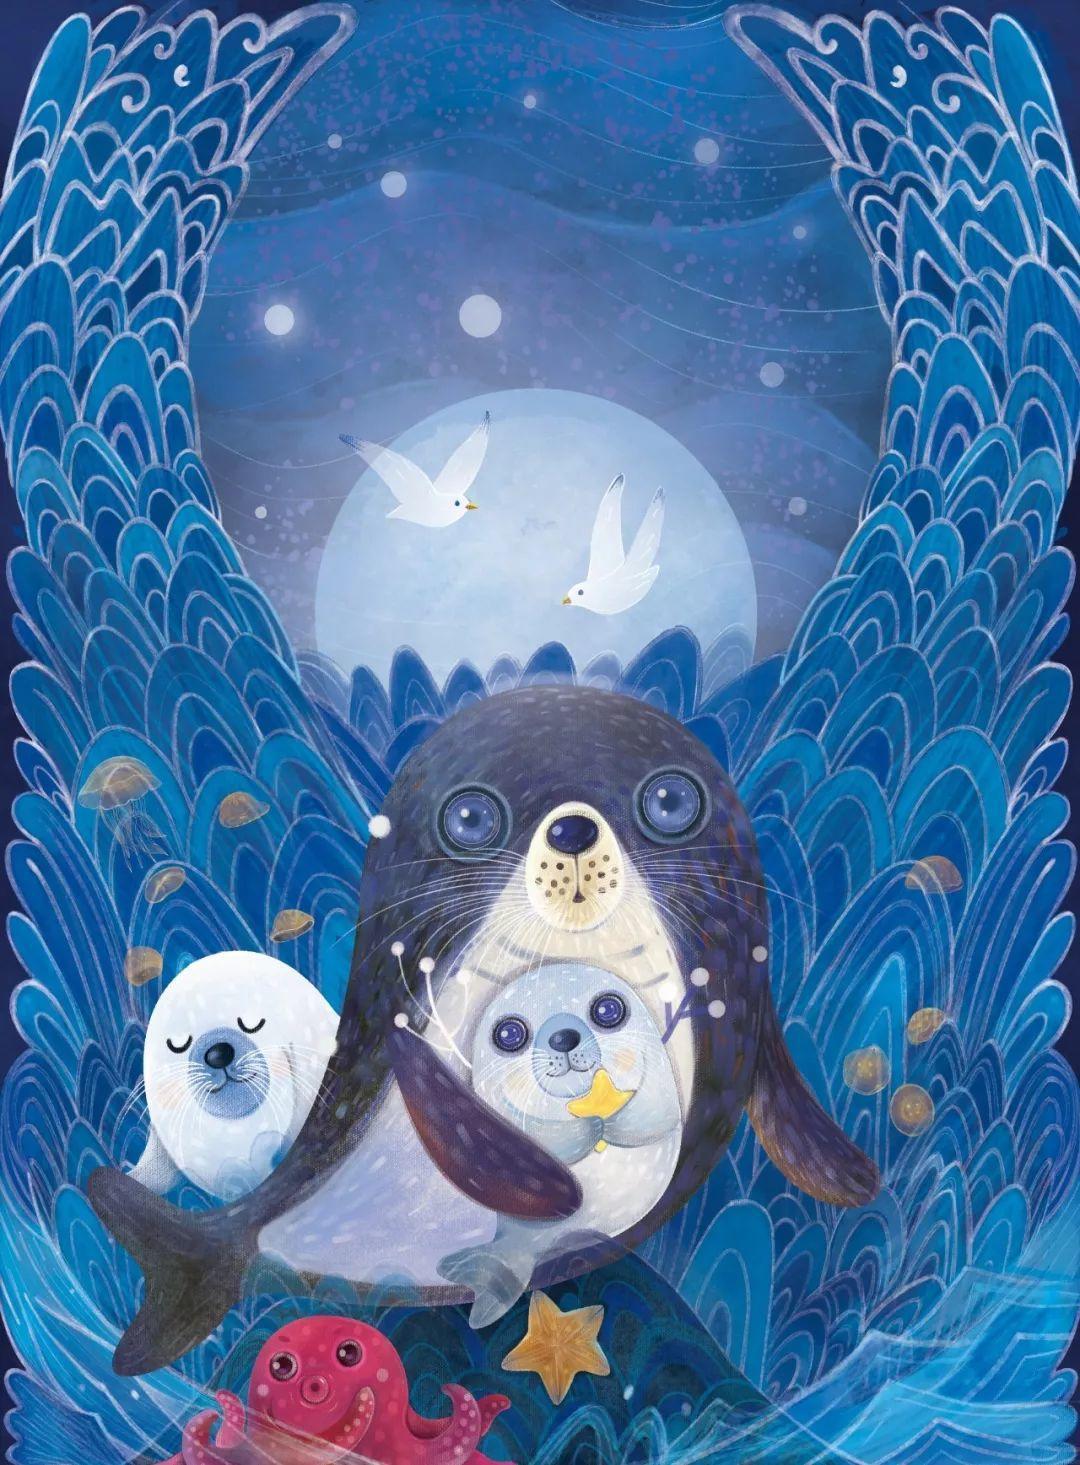 用海报拯救海豹,百度设计师做了一件暖心的小事